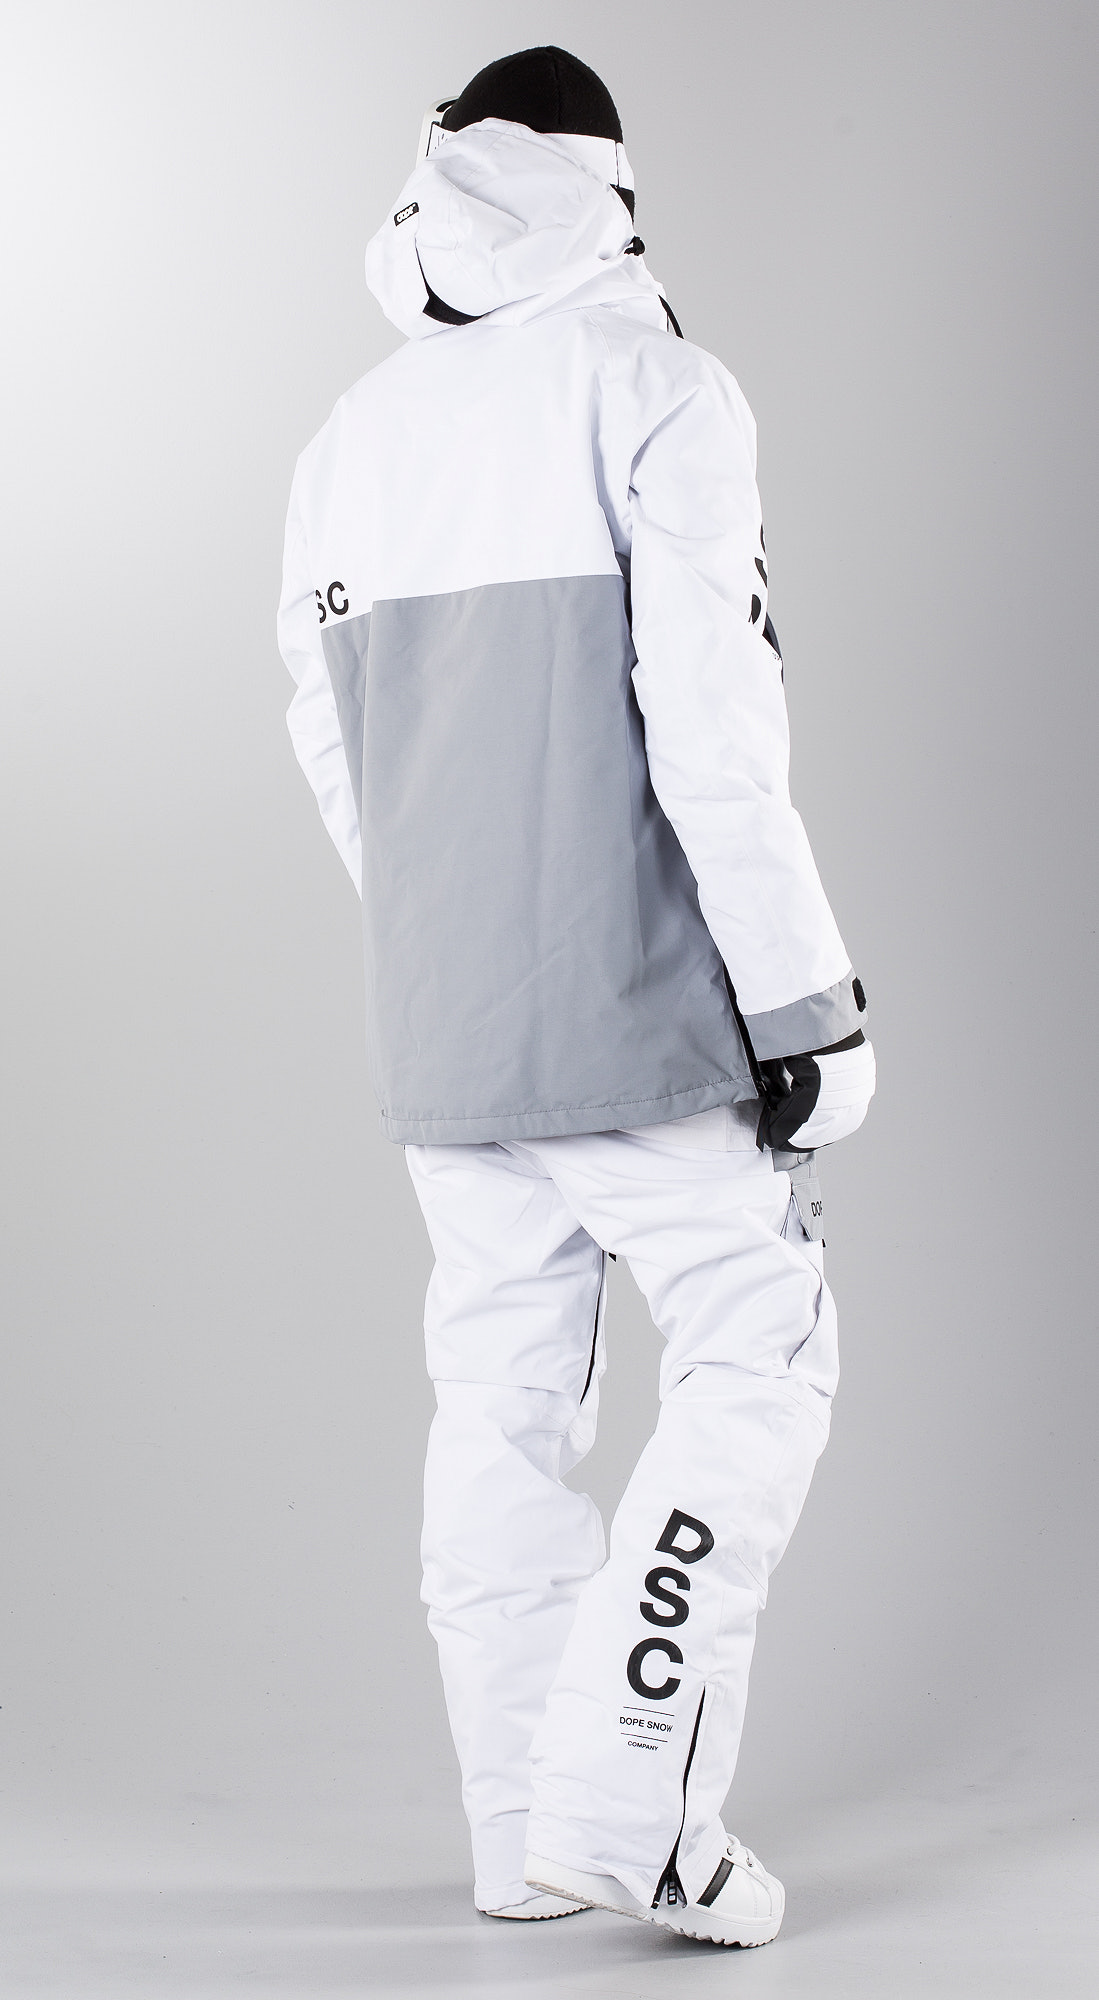 ef575ac2 Dope Annok DSC White/ Lt. Grey Snowboardklaer - Ridestore